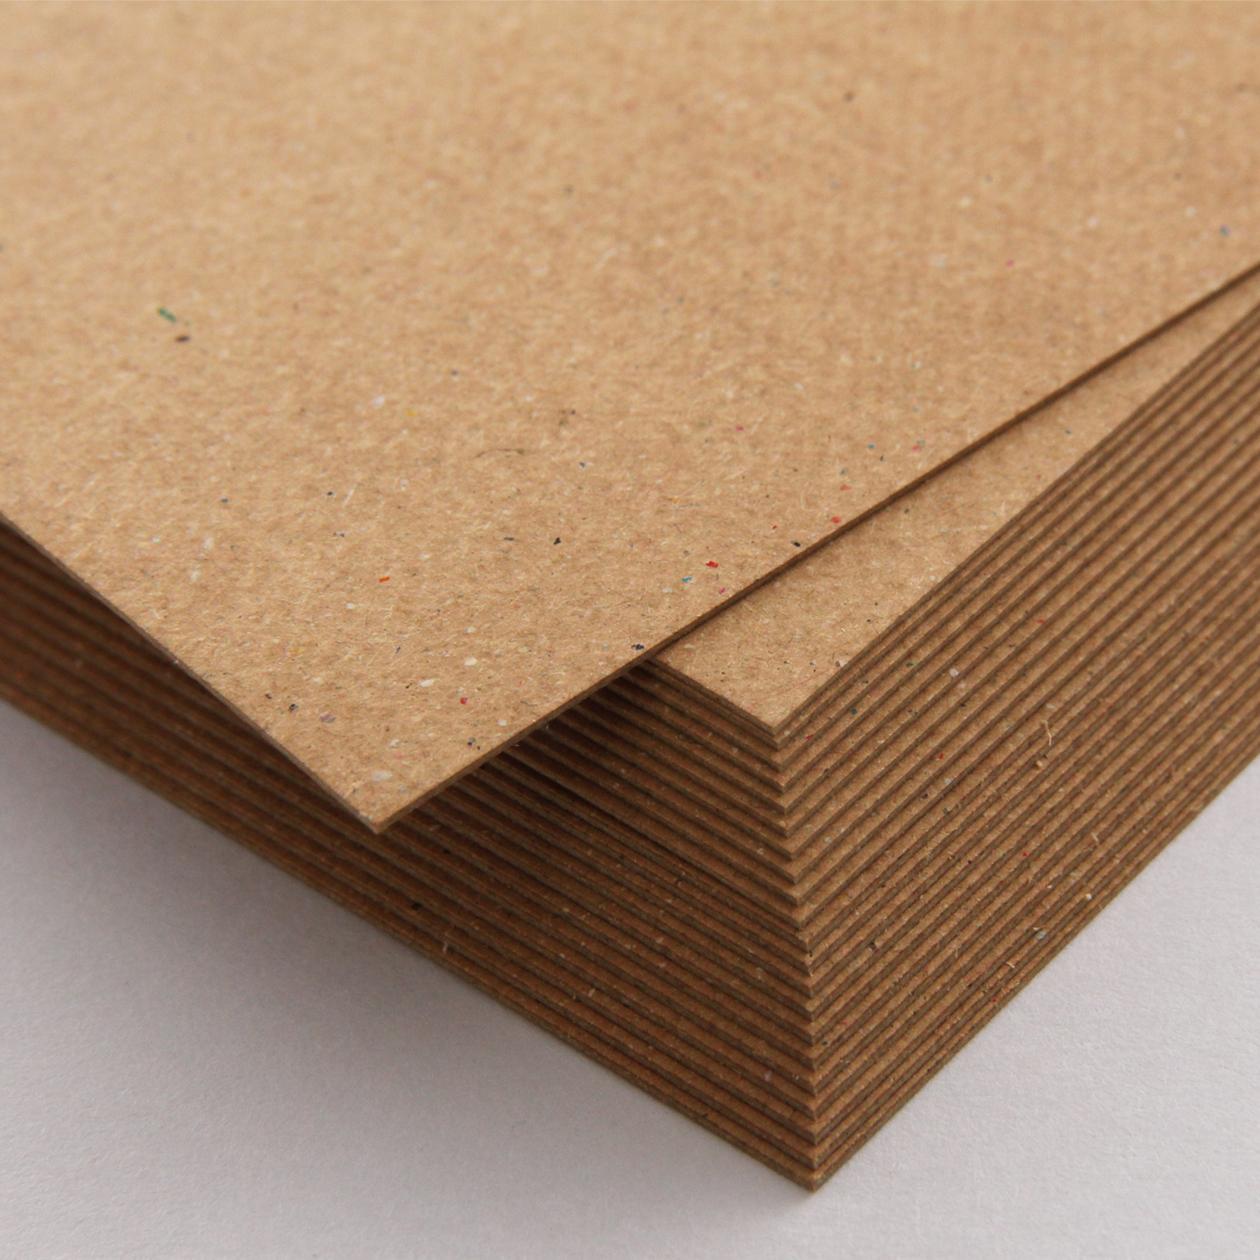 組箱 サイズA_04 ボード紙 ブラウン 270g